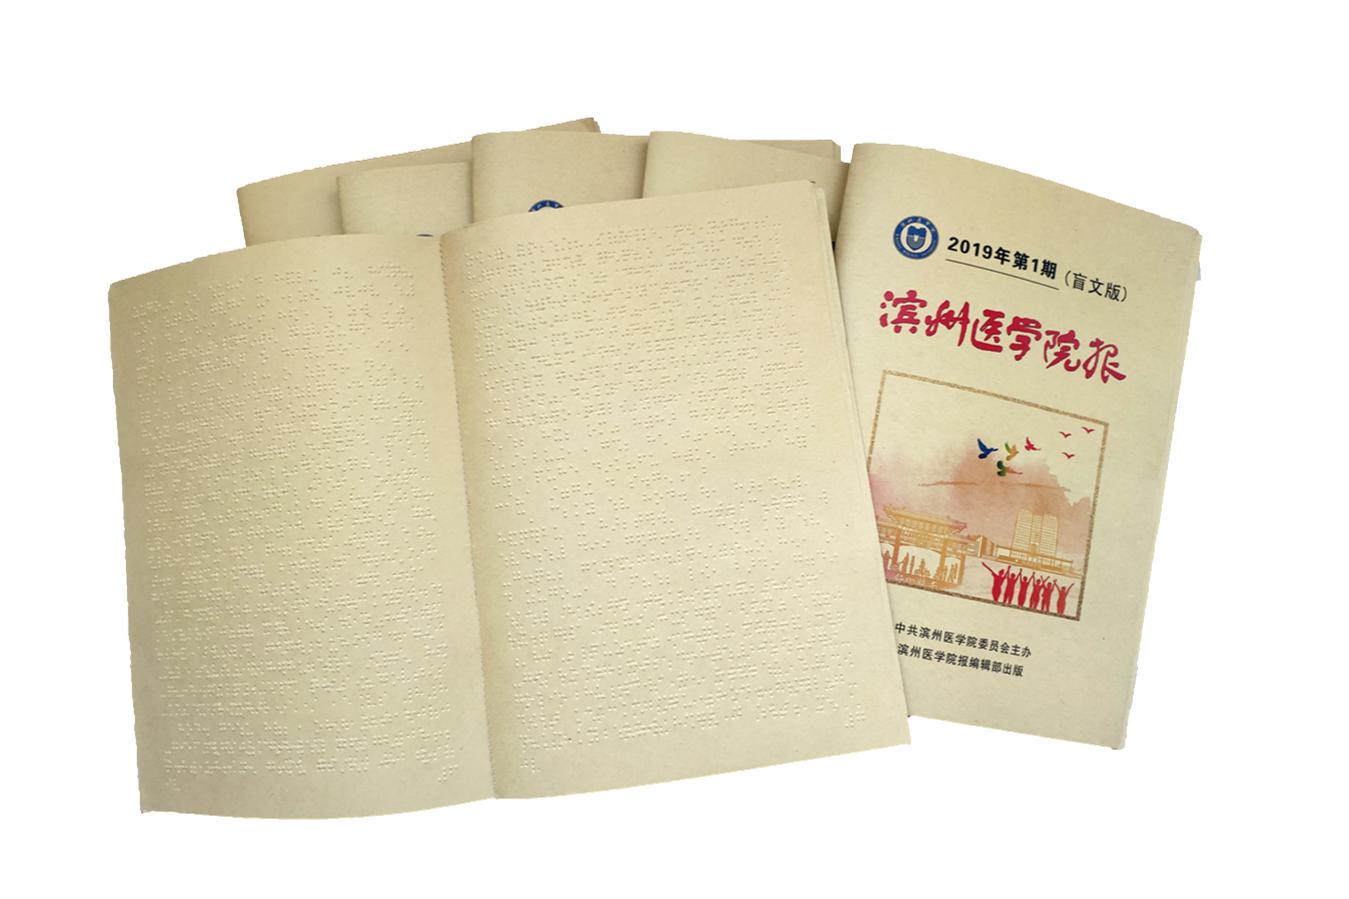 """打开另一双""""眼睛"""" 全国首份盲文版高校校报在滨州医学院问世"""